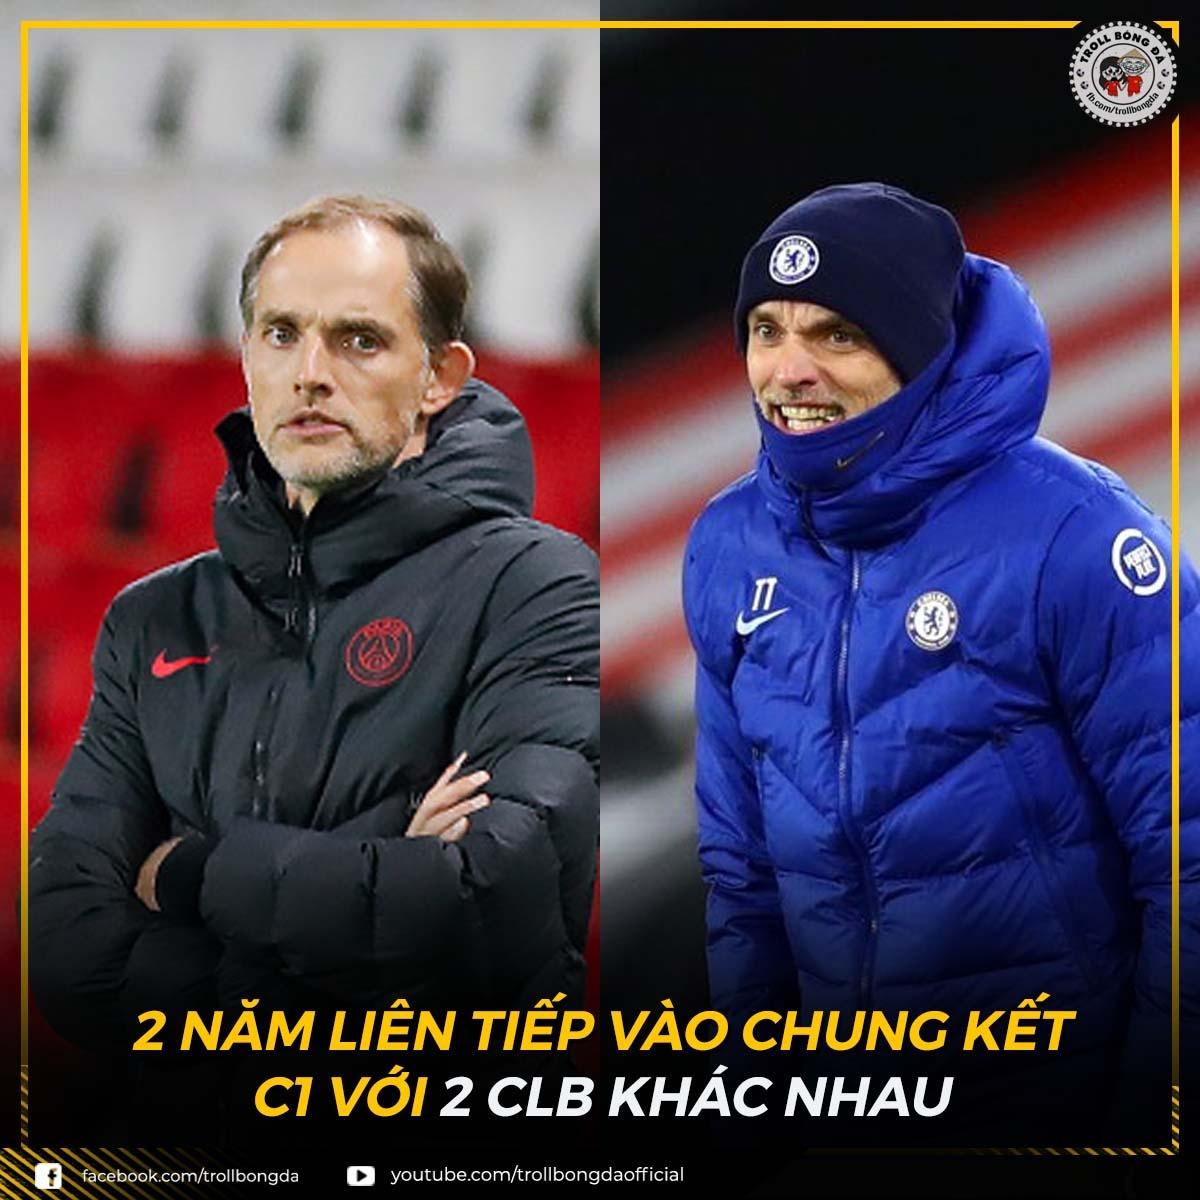 HLV Tuchel làm nên lịch sử với 2 lần vào chung kết Champions League với 2 CLB khác nhau. (Ảnh: Troll bóng đá).